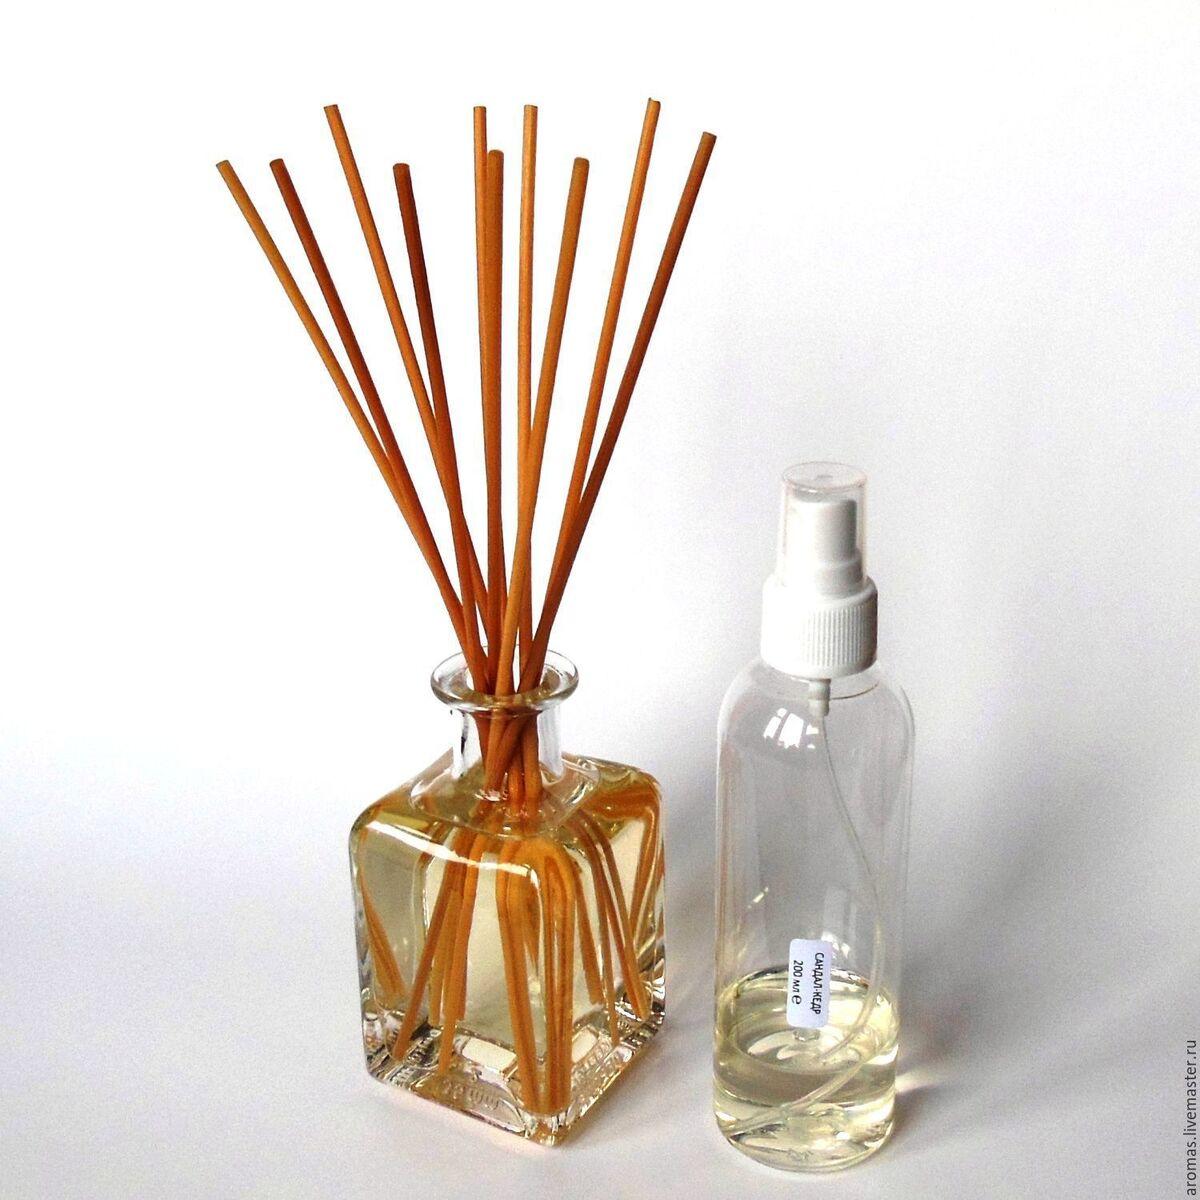 Как сделать ароматизаторы для дома своими руками 1